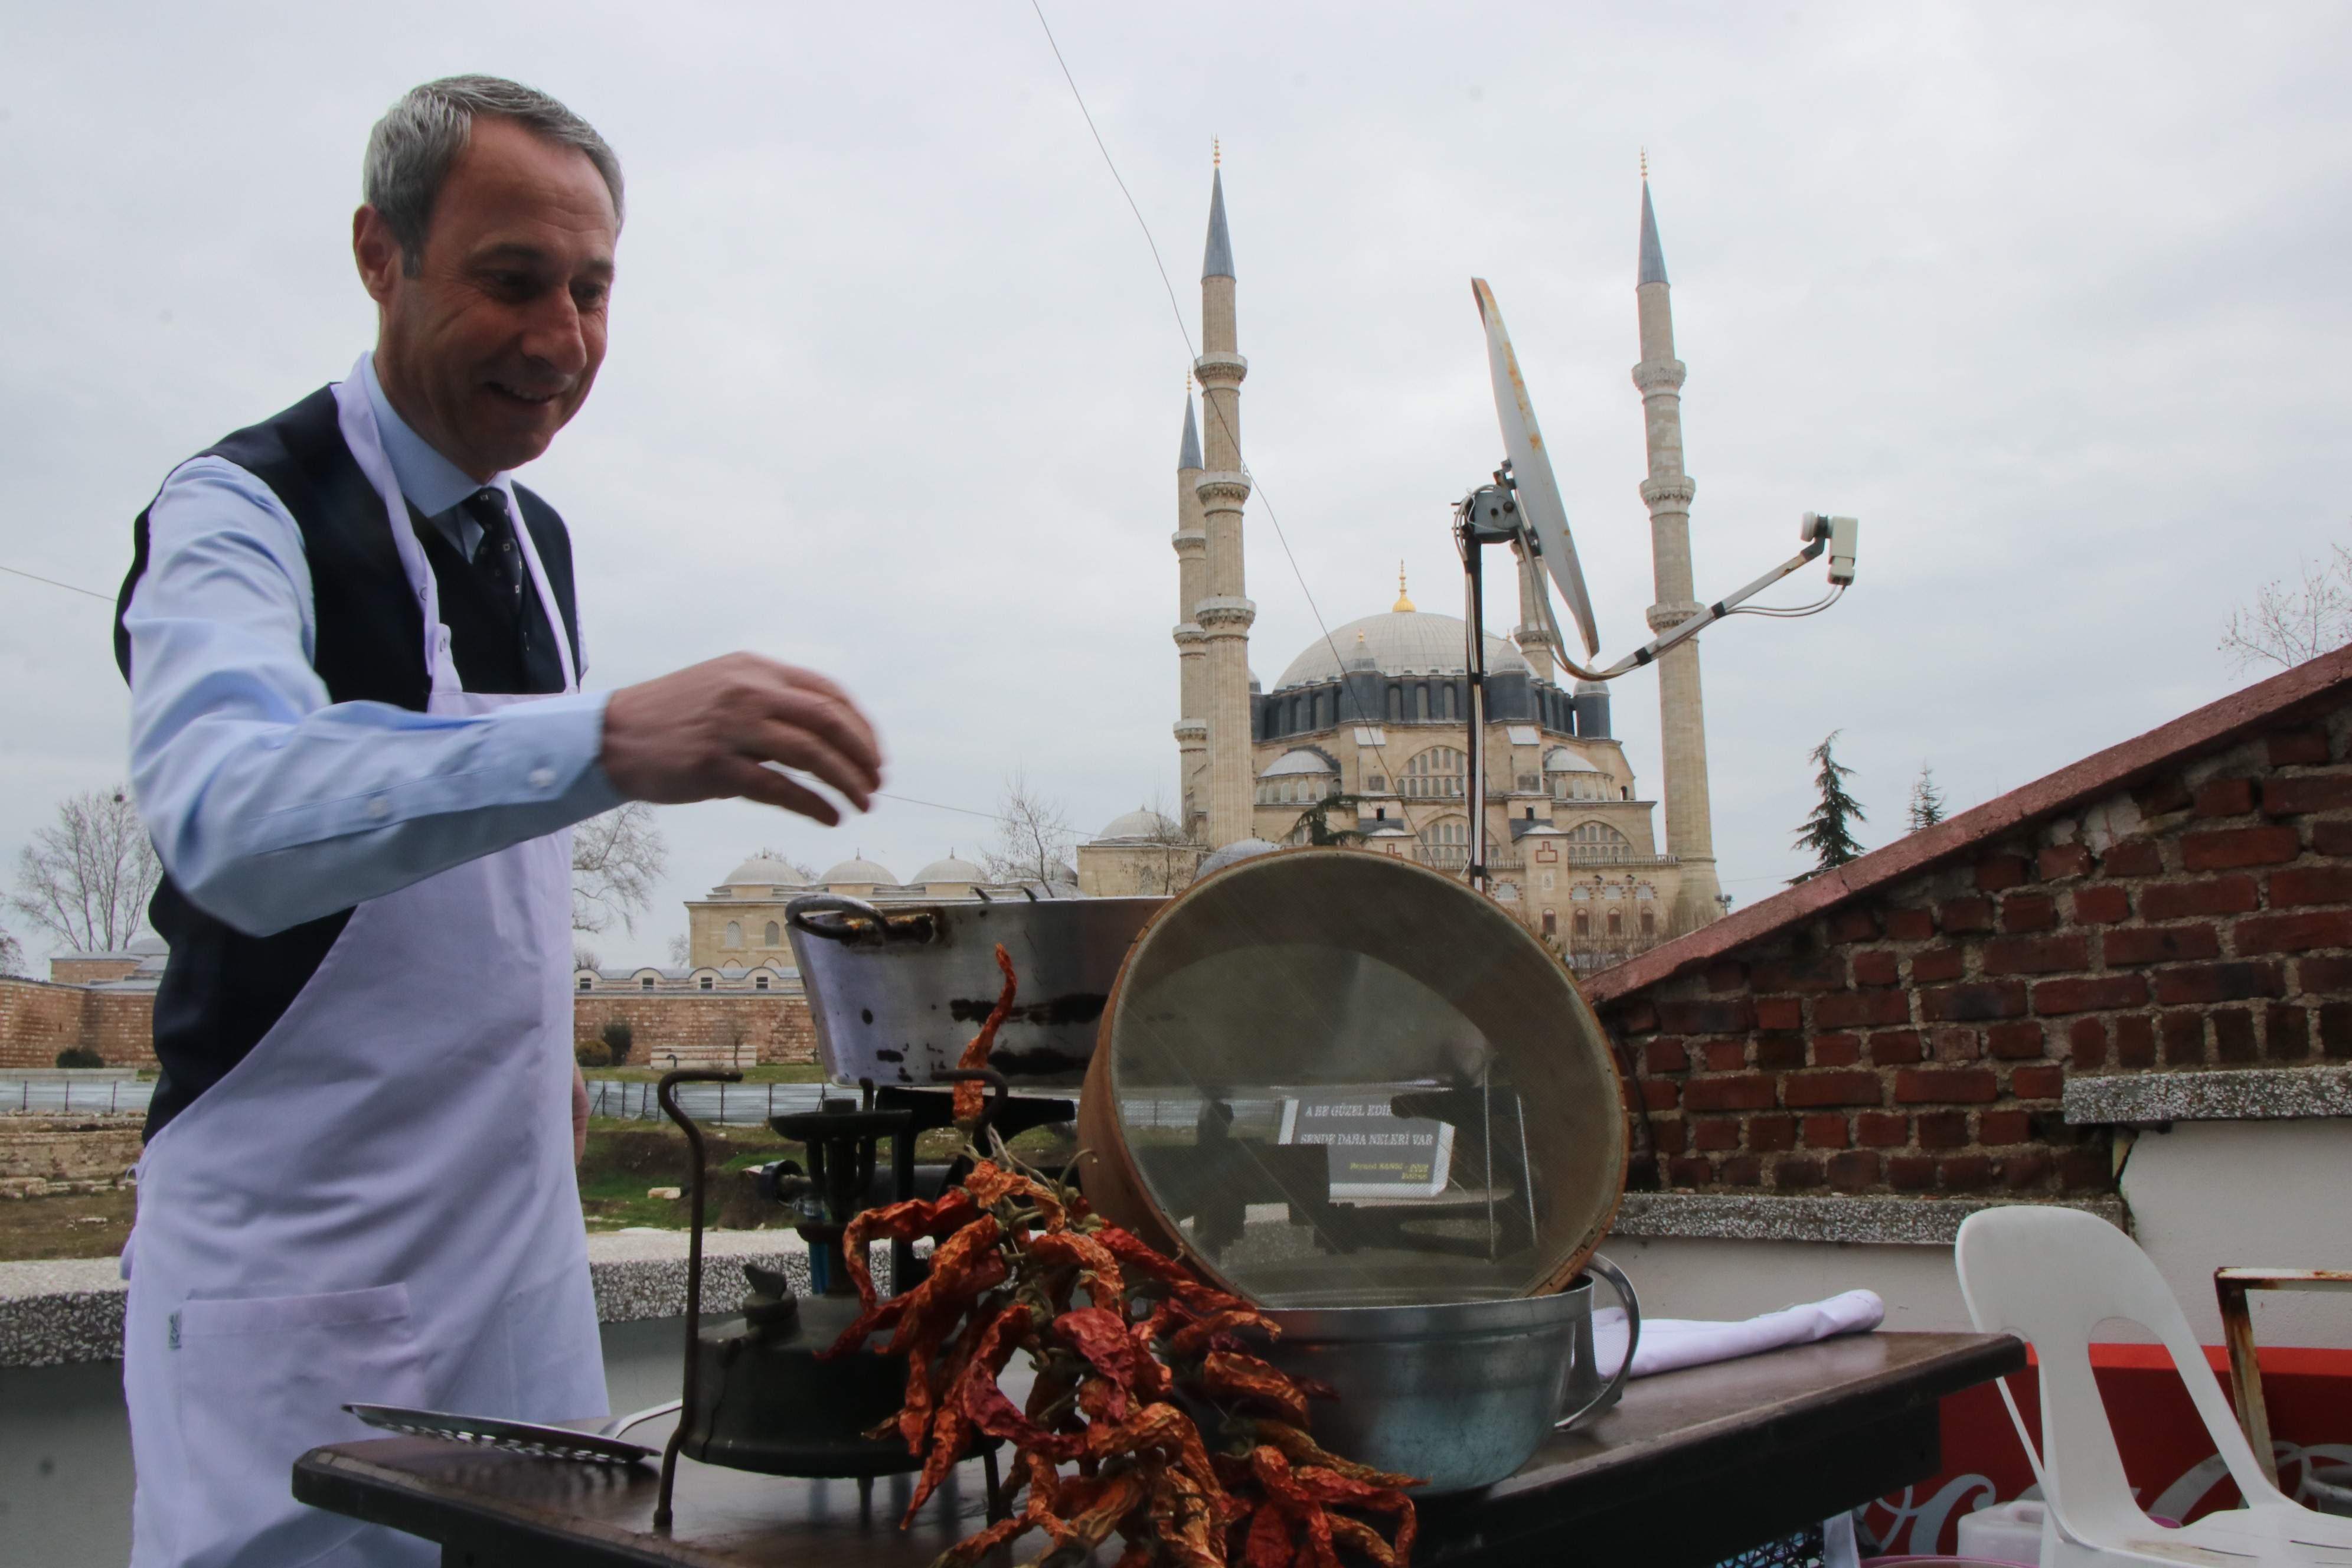 Hem Gözünüze Hem Midenize Hitap Edecek: Edirnede Tava Ciğer Müzesi Kuruluyor 82